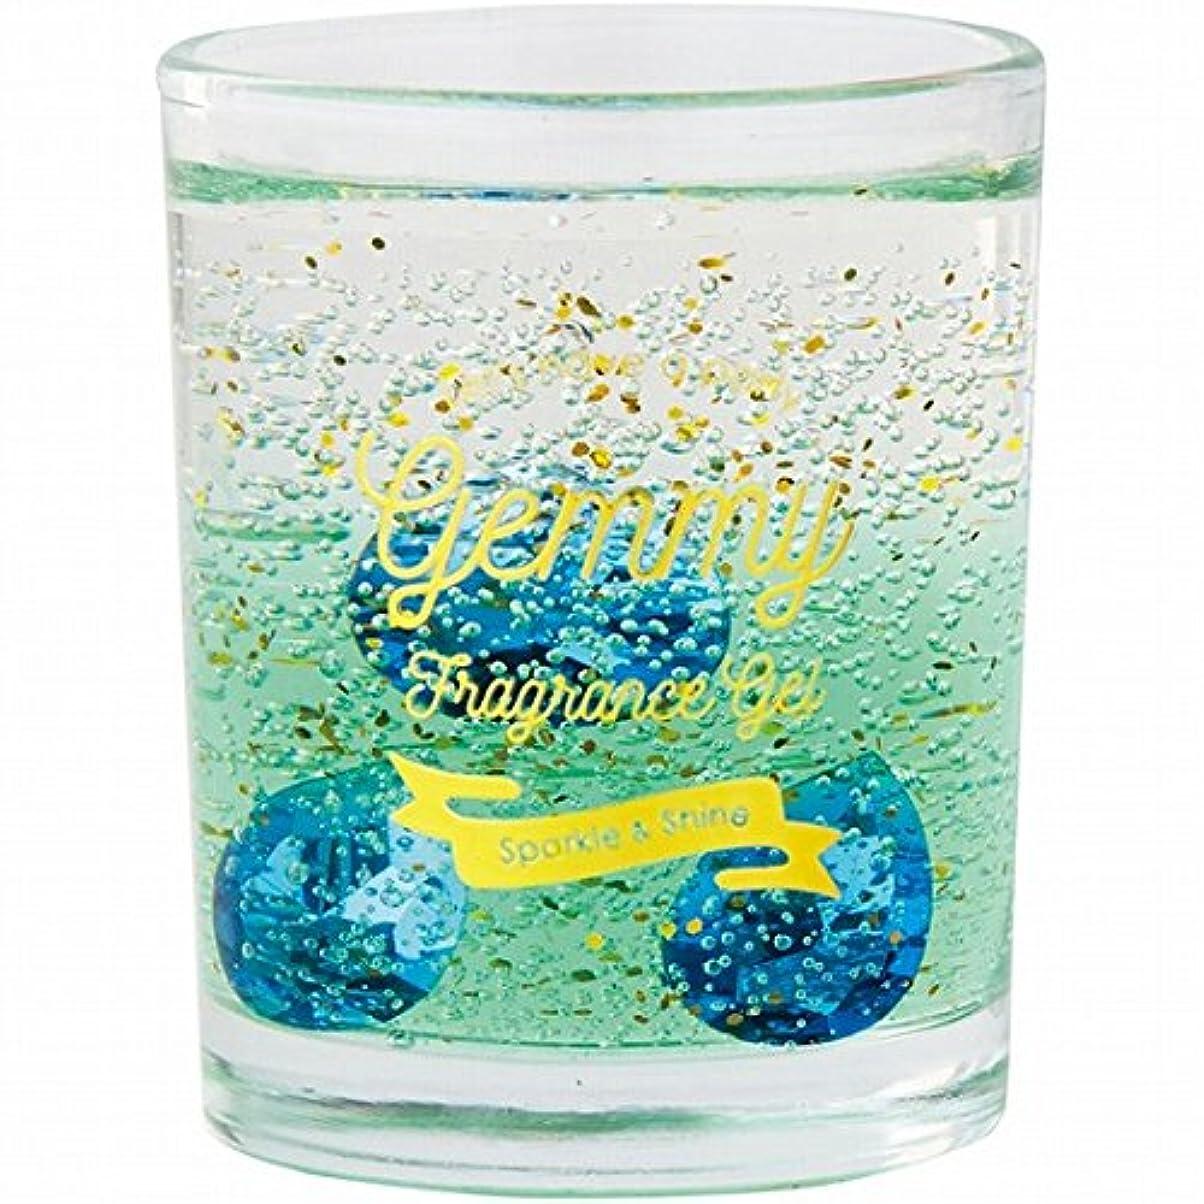 平和こんにちは星kameyama candle(カメヤマキャンドル) GEMMY(ジェミー) フレグランスジェル 「タイム」6個セット(E3310510)